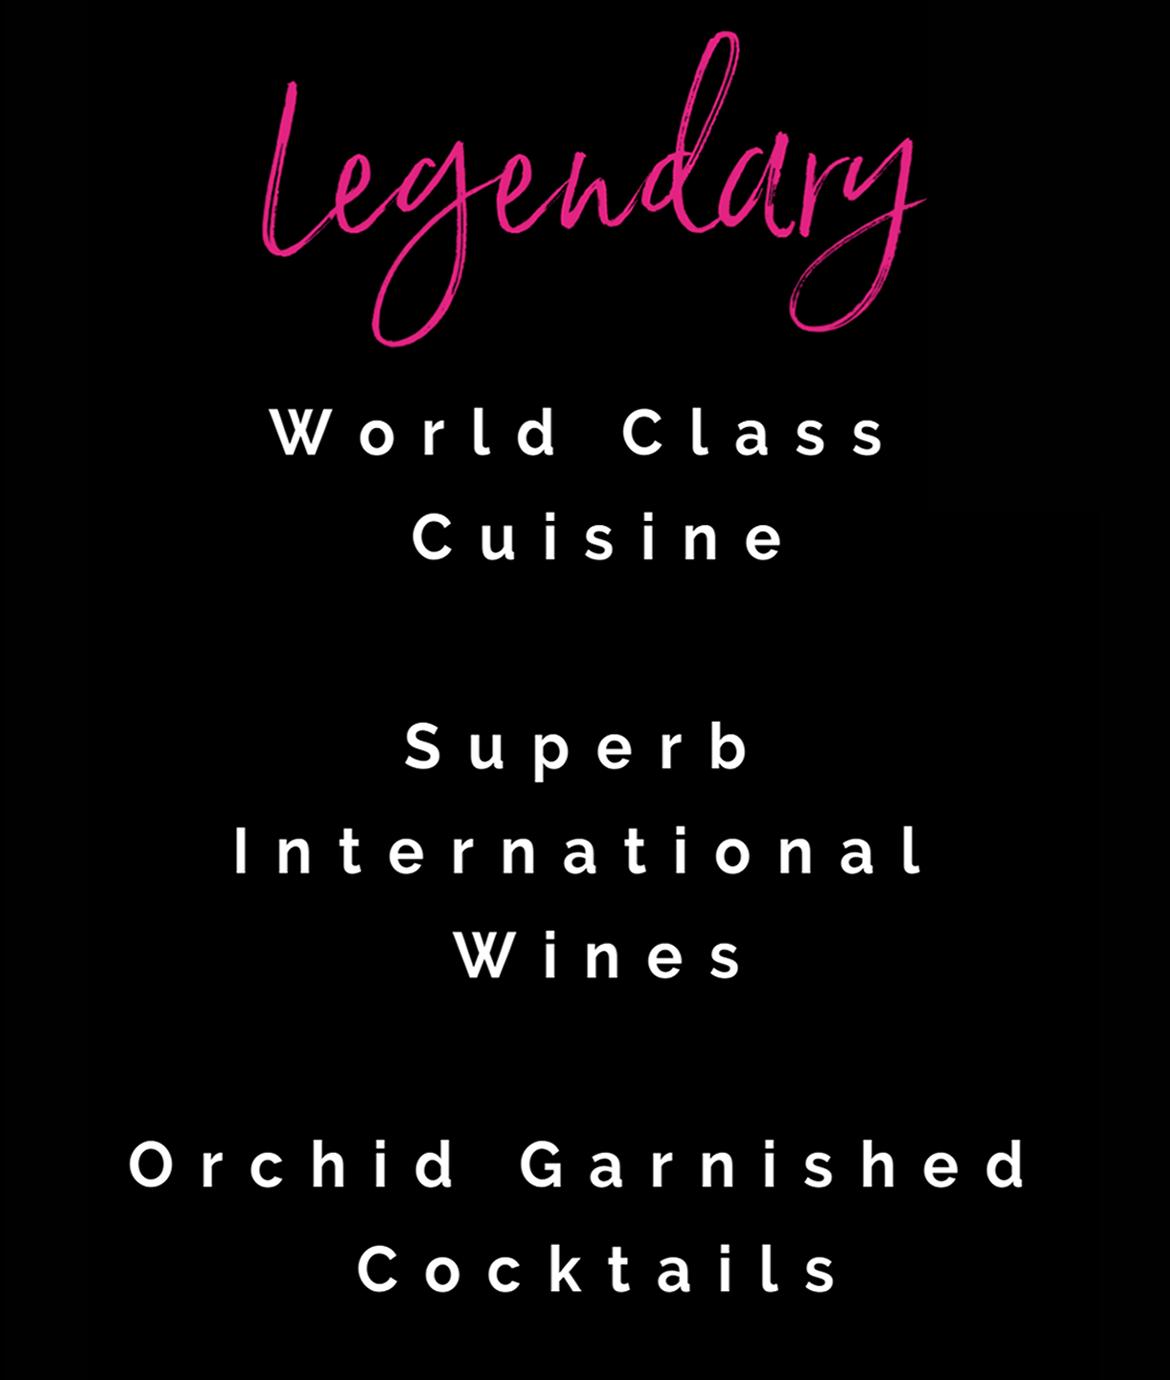 Legendary World Class Cuisine At Ziggies